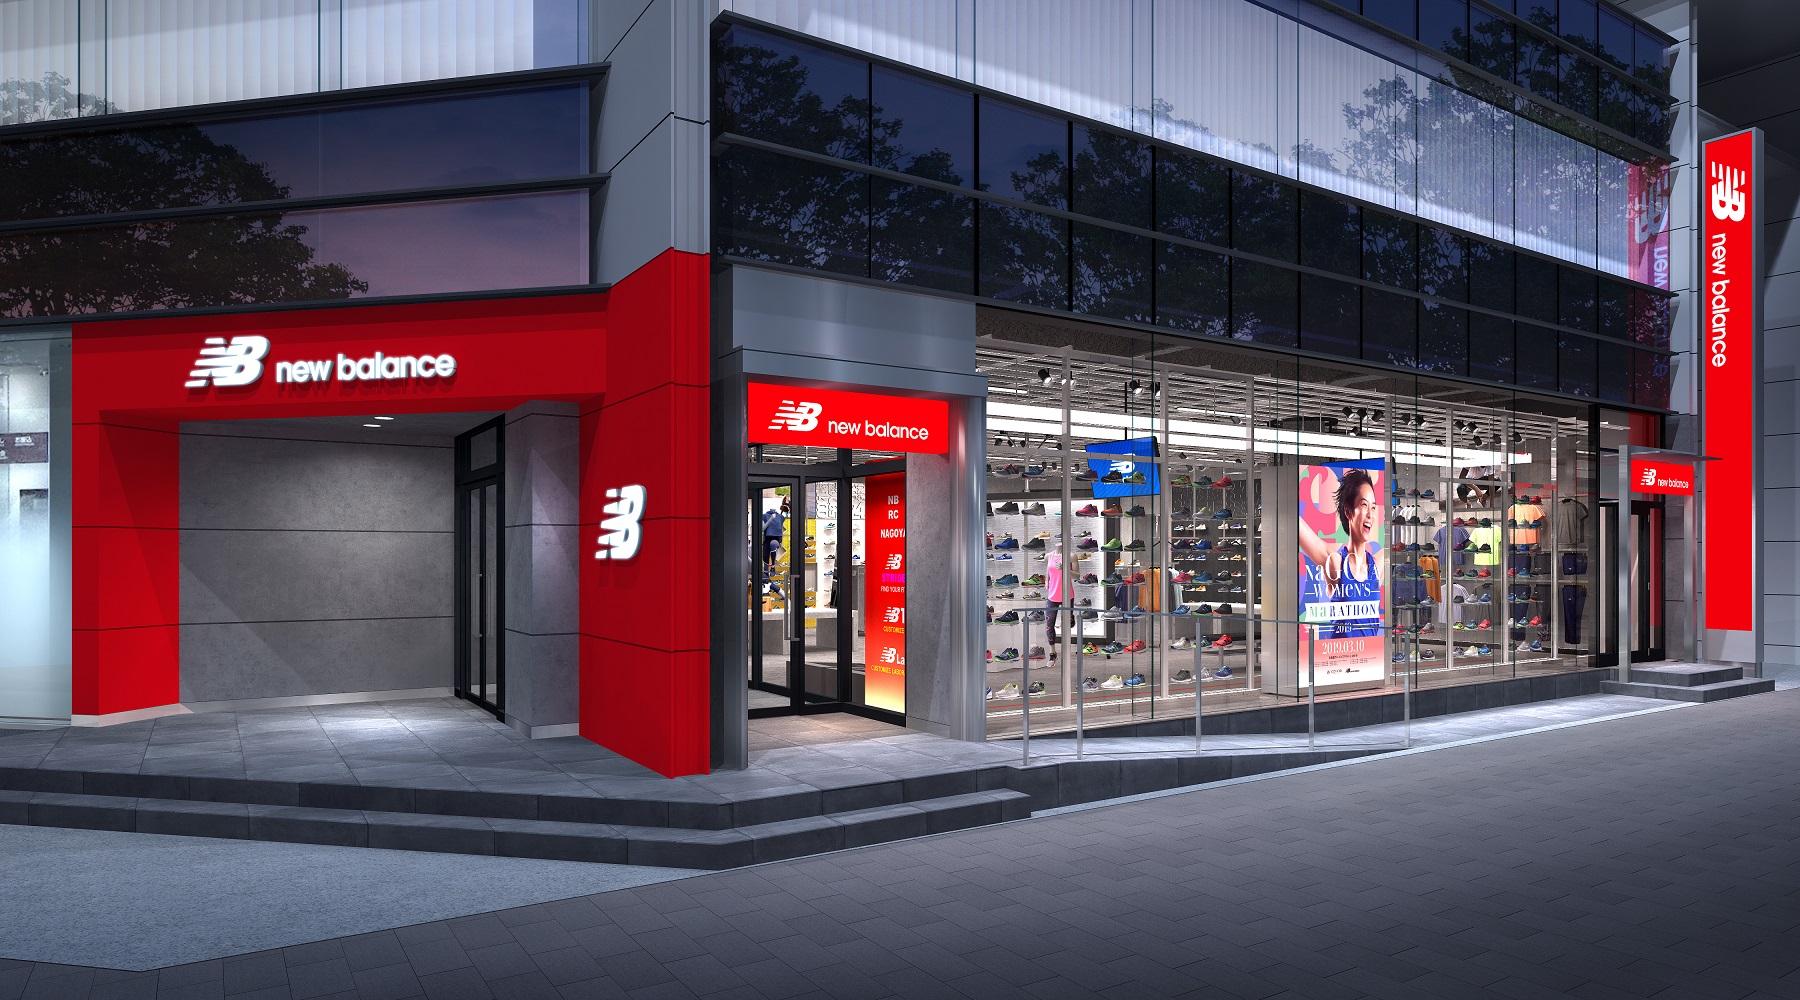 ニューバランスの直営店が名古屋にオープン!ランナー向けのサービスも